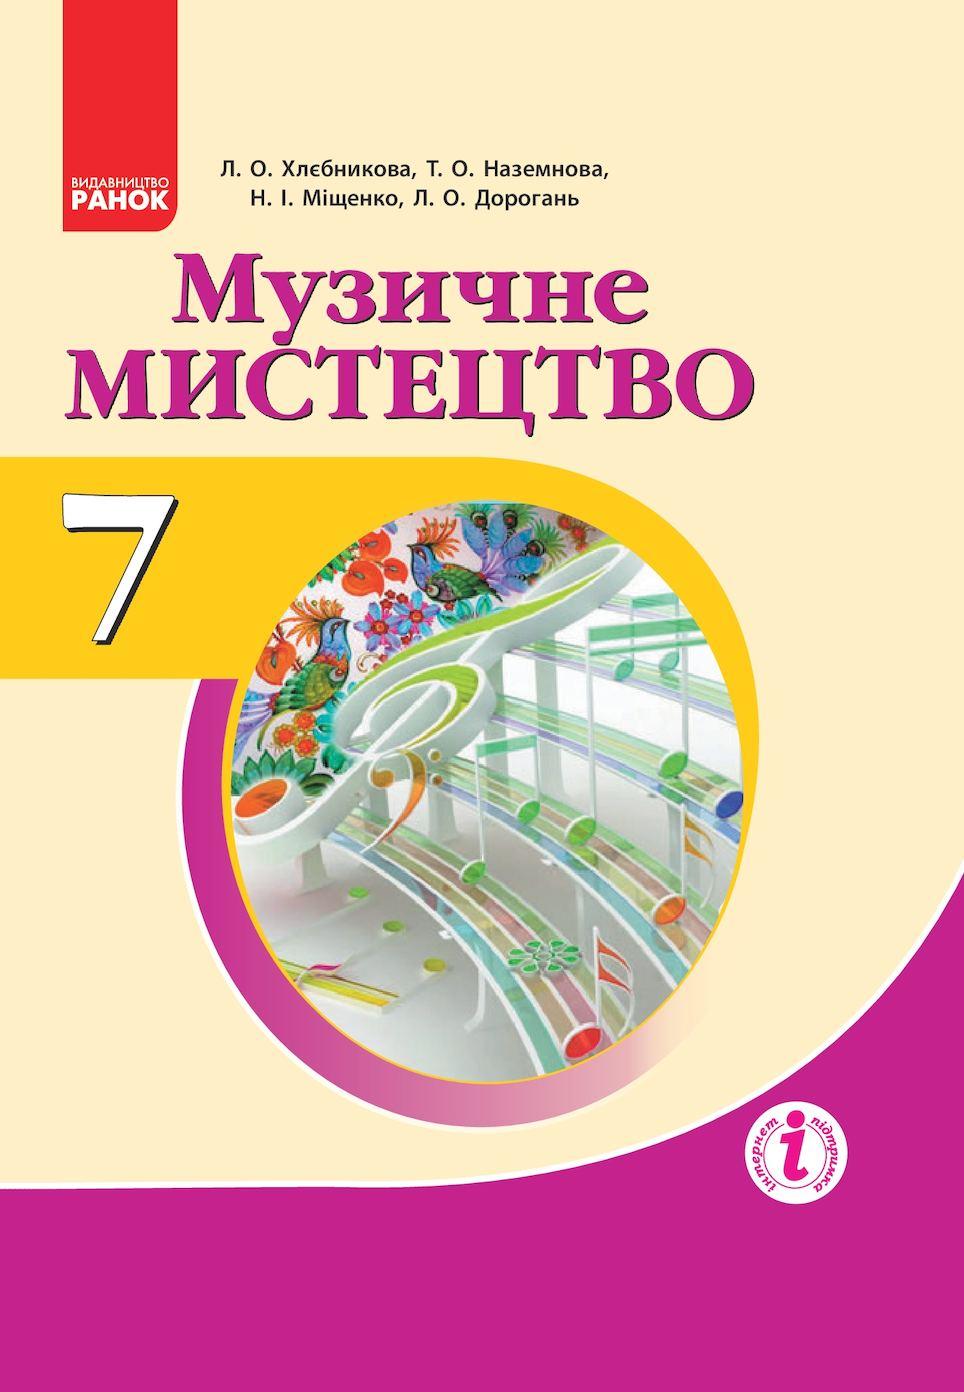 Calaméo - Myzichne Mistetstvo Pdrychnik Dlya 7 Klasy 343a9d7b4895b